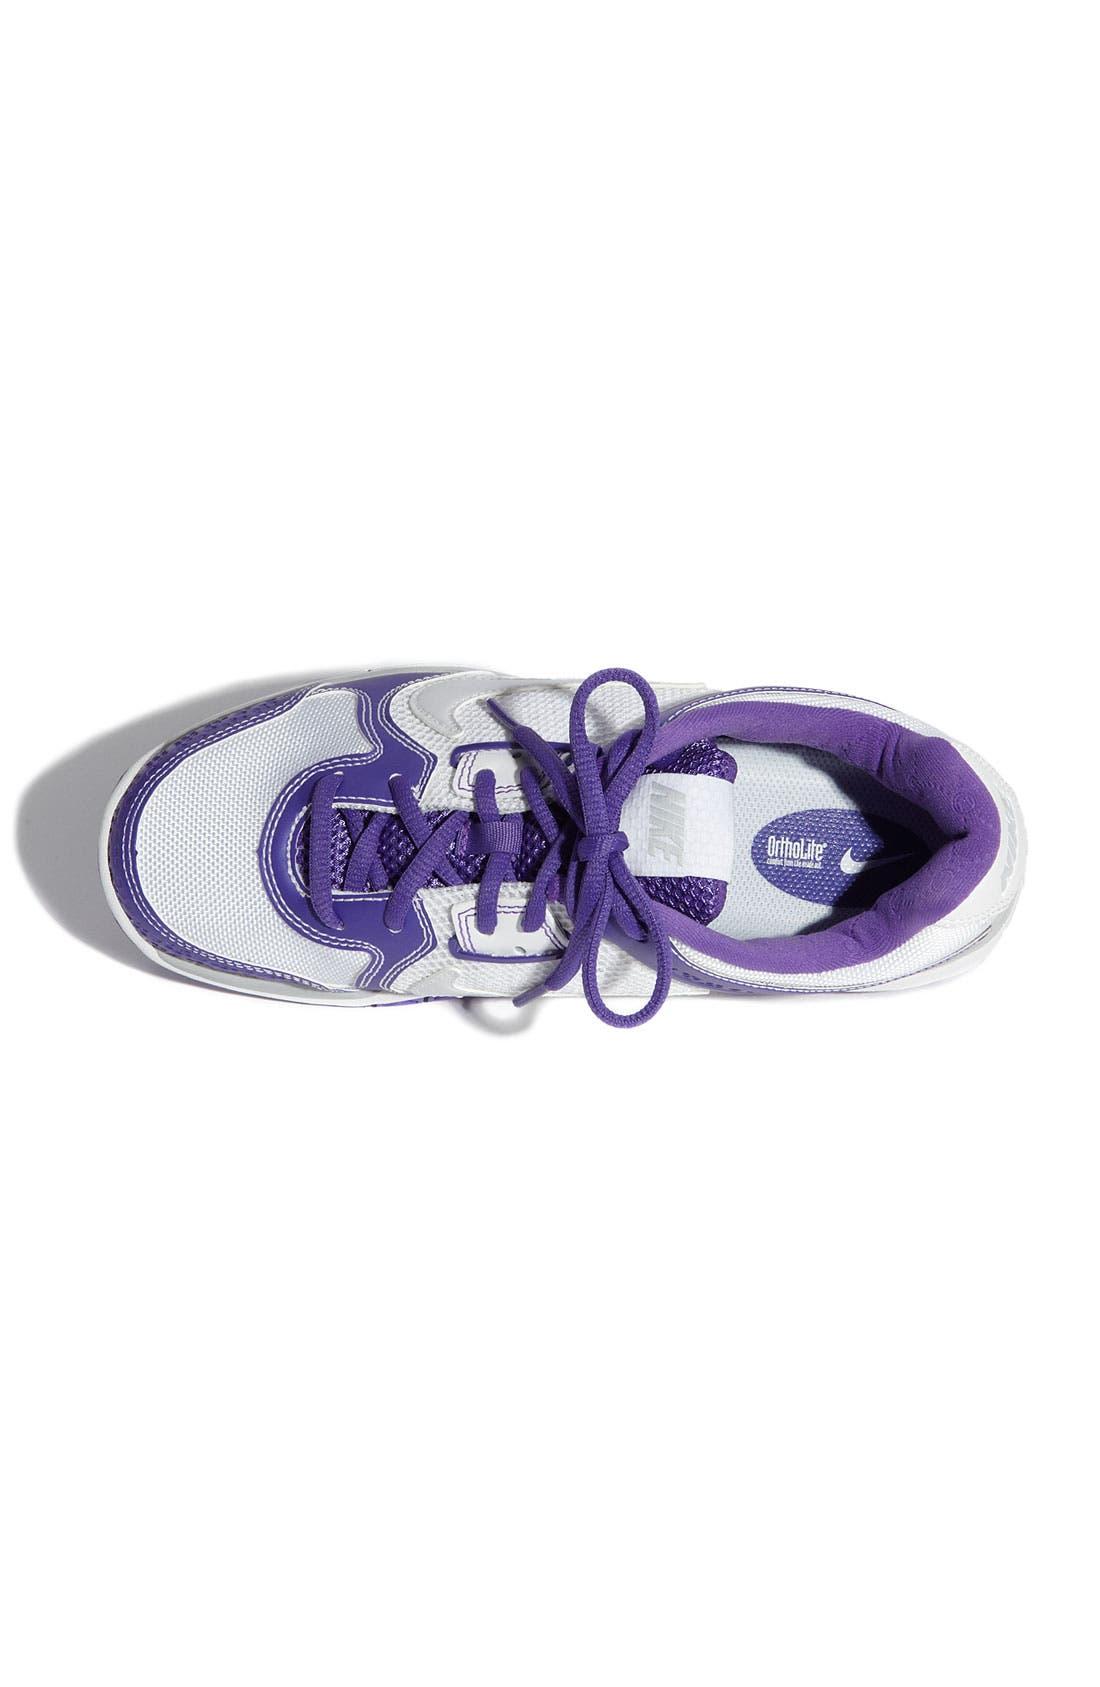 Alternate Image 3  - Nike 'Air Max Mirabella 3' Tennis Shoe (Women)